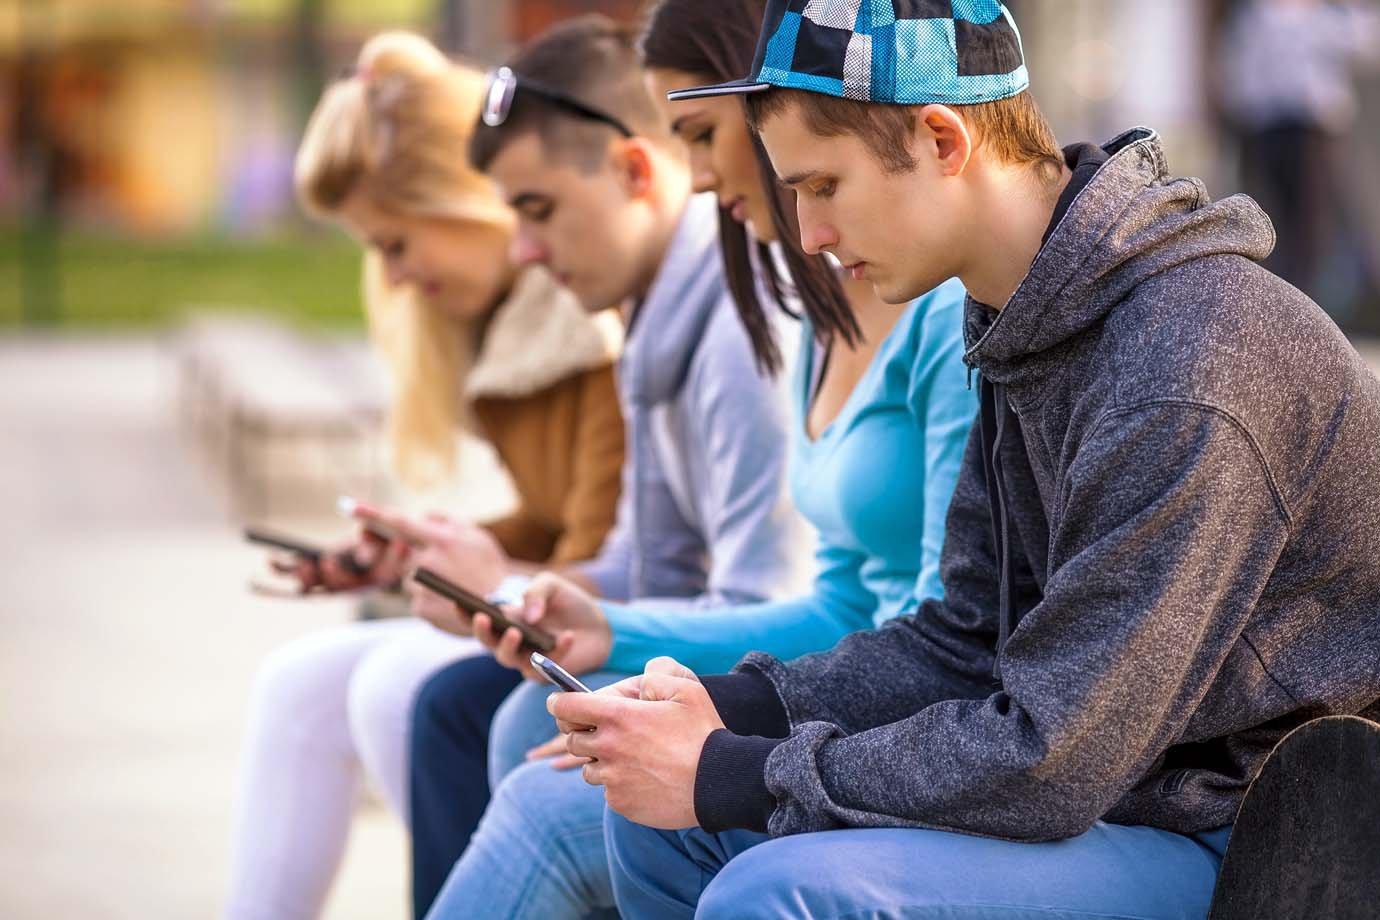 Adolescentes em local público usando seus smartphones